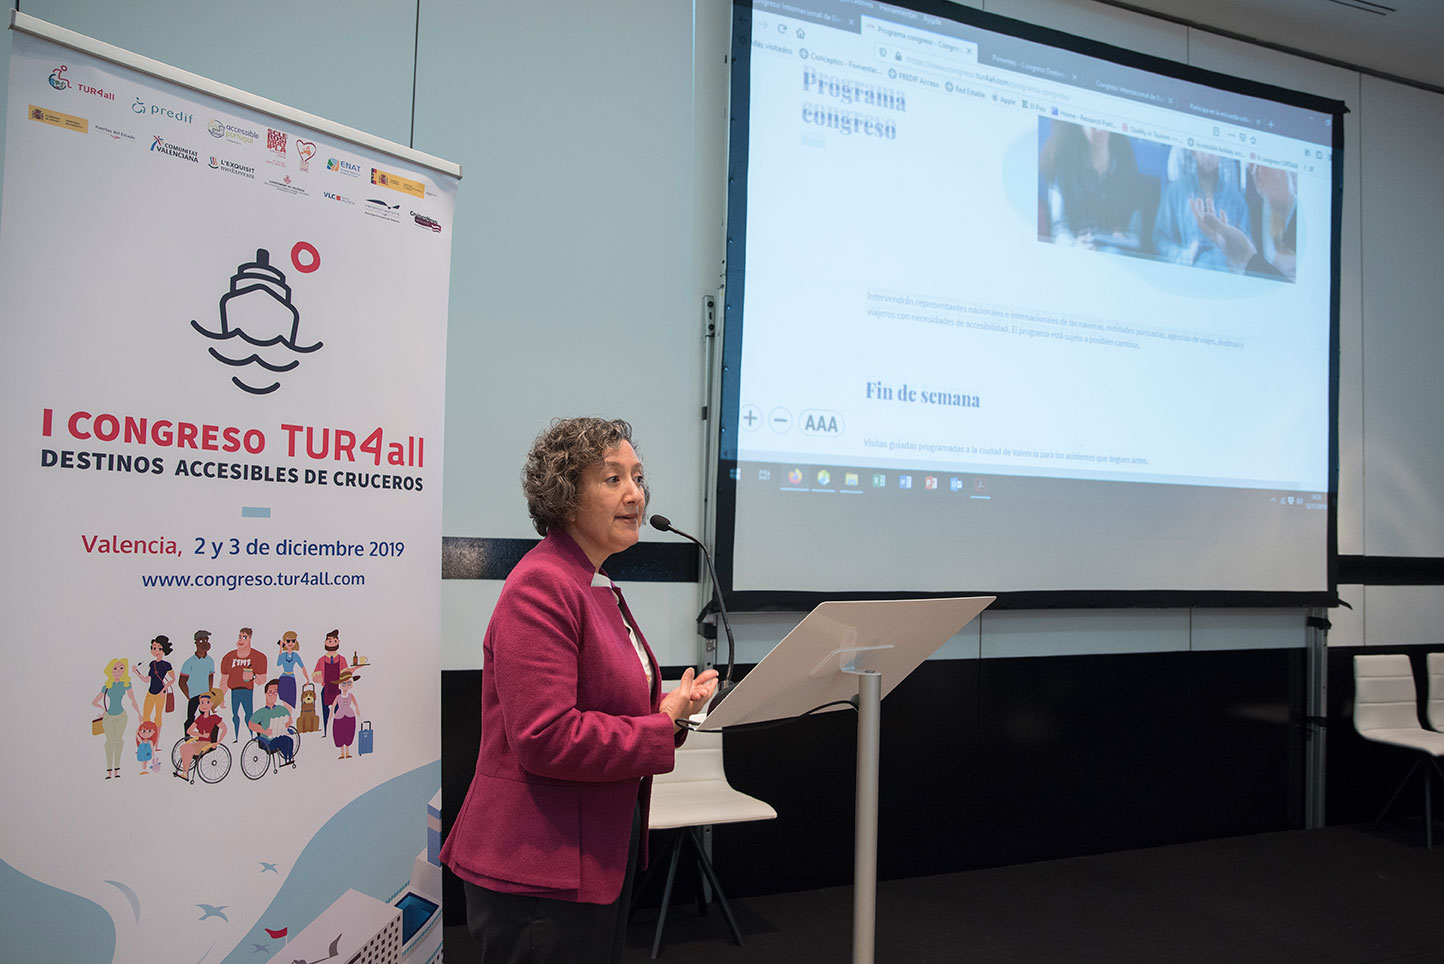 Tatiana-Aleman-Presentacion-Congreso-Madrid-en-Noviembre